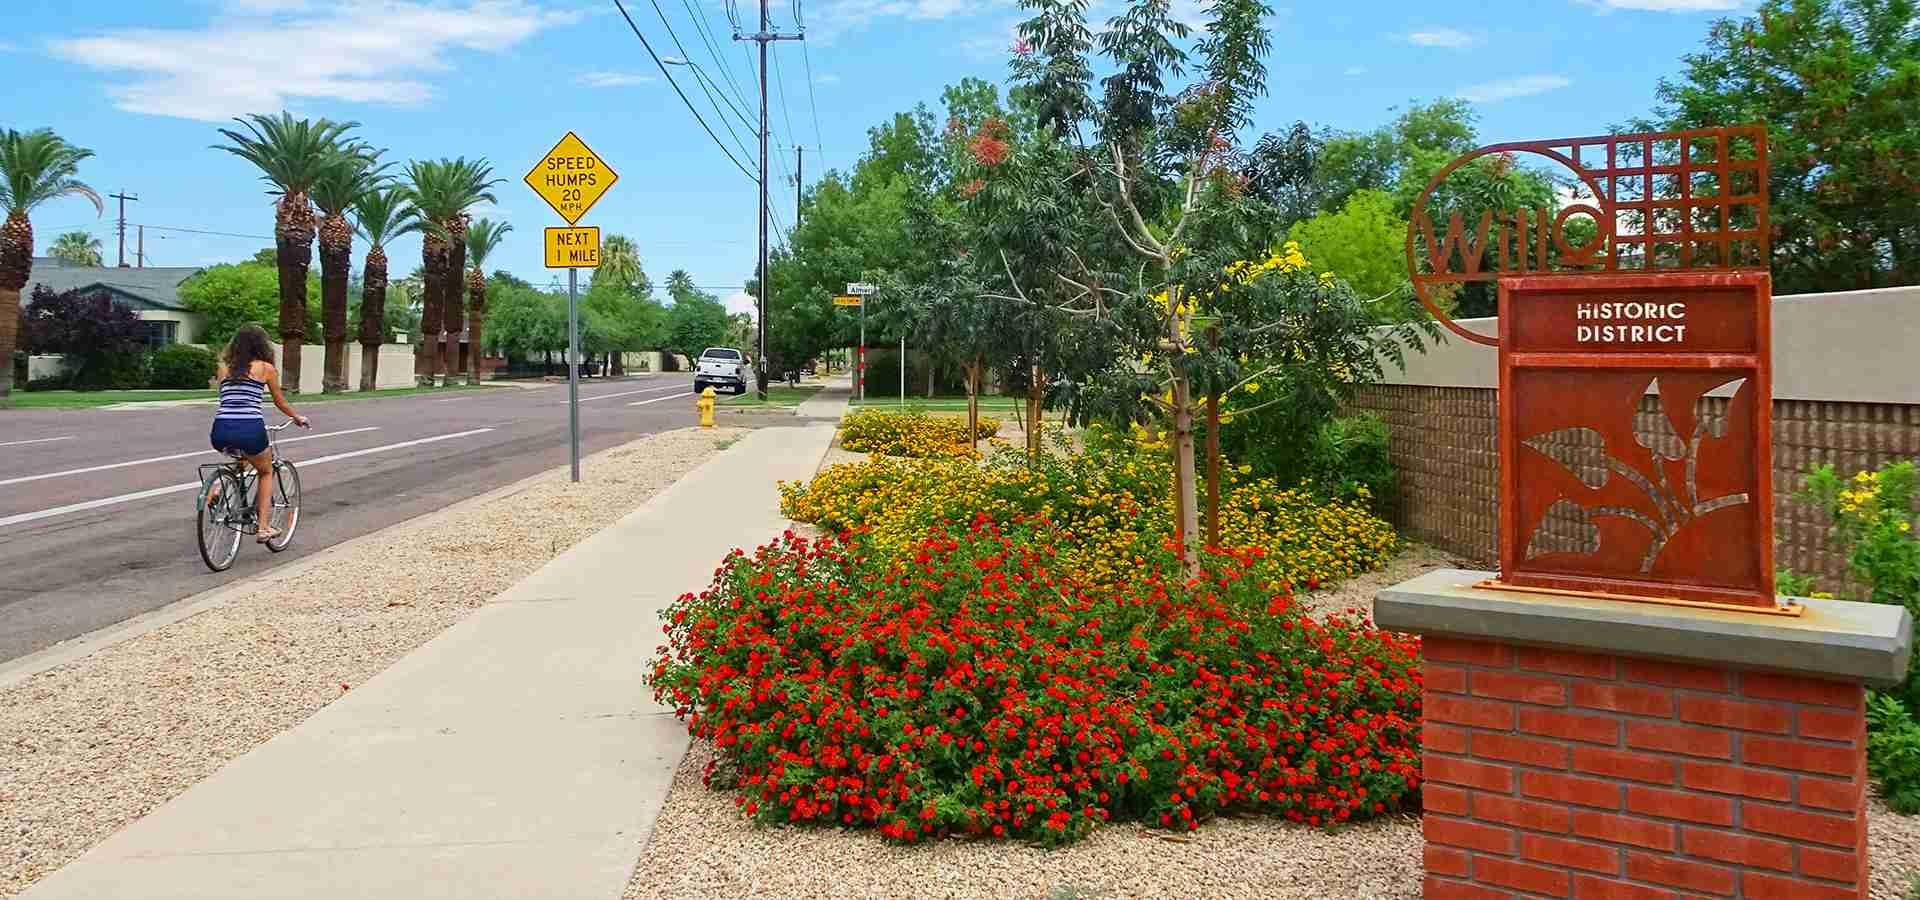 Willo Historical District, Phoenix